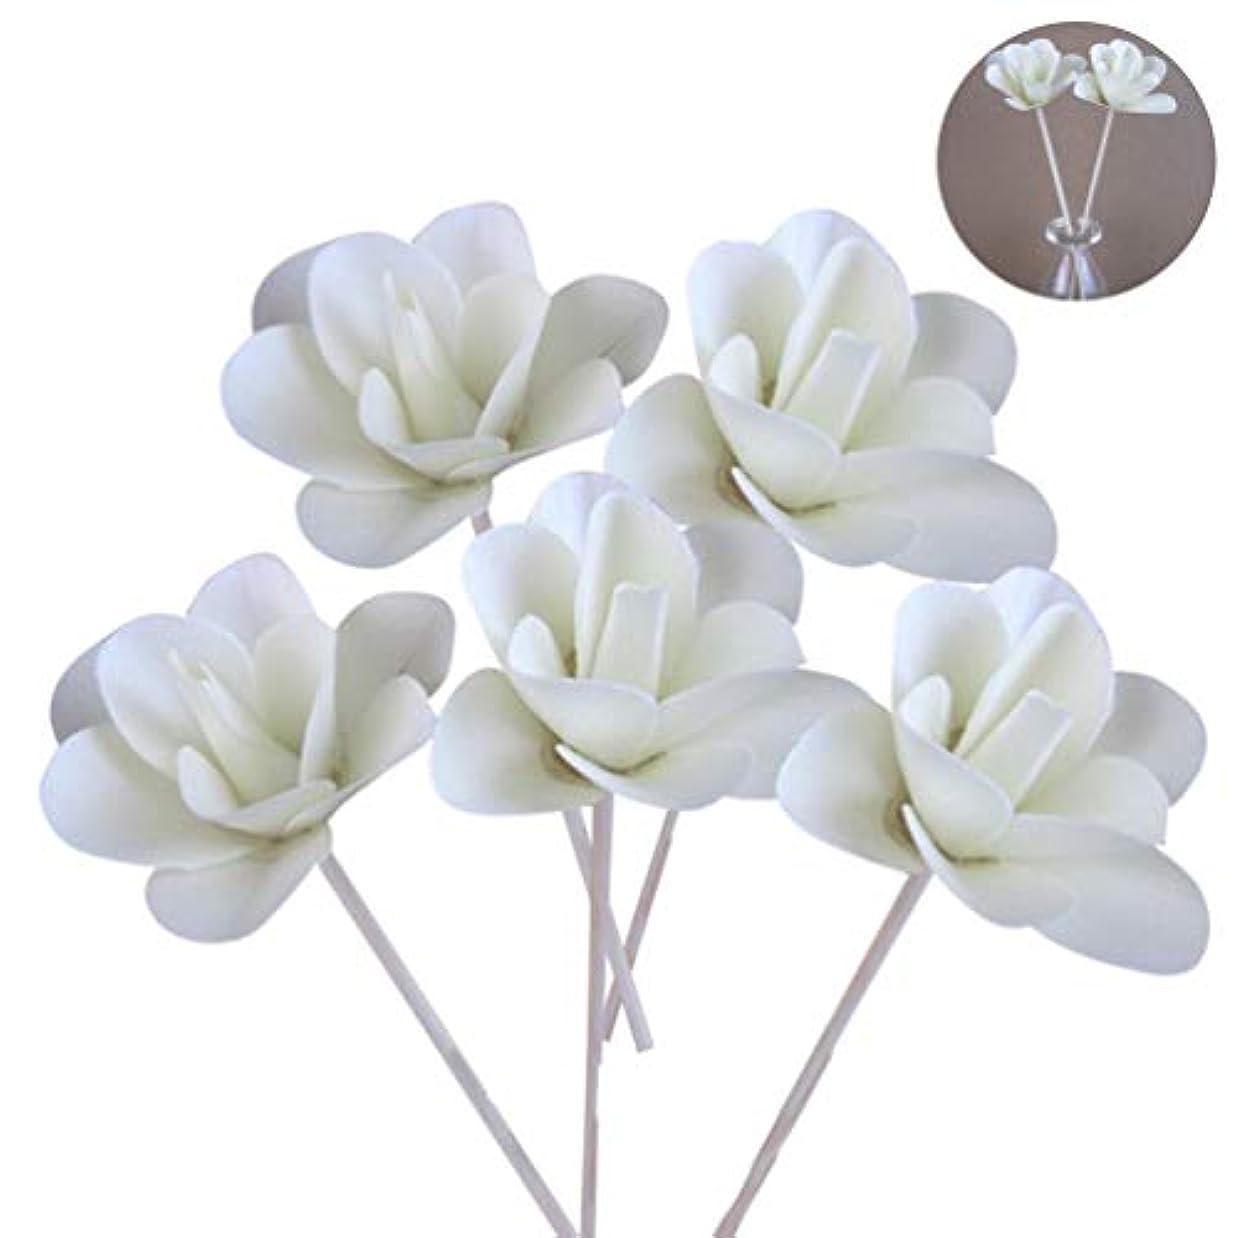 マントル粒子銛(ライチ) Lychee 5本入り ラタンスティック 花 リードディフューザー用 リフィル 高品質 かわいい クラフト ホワイト